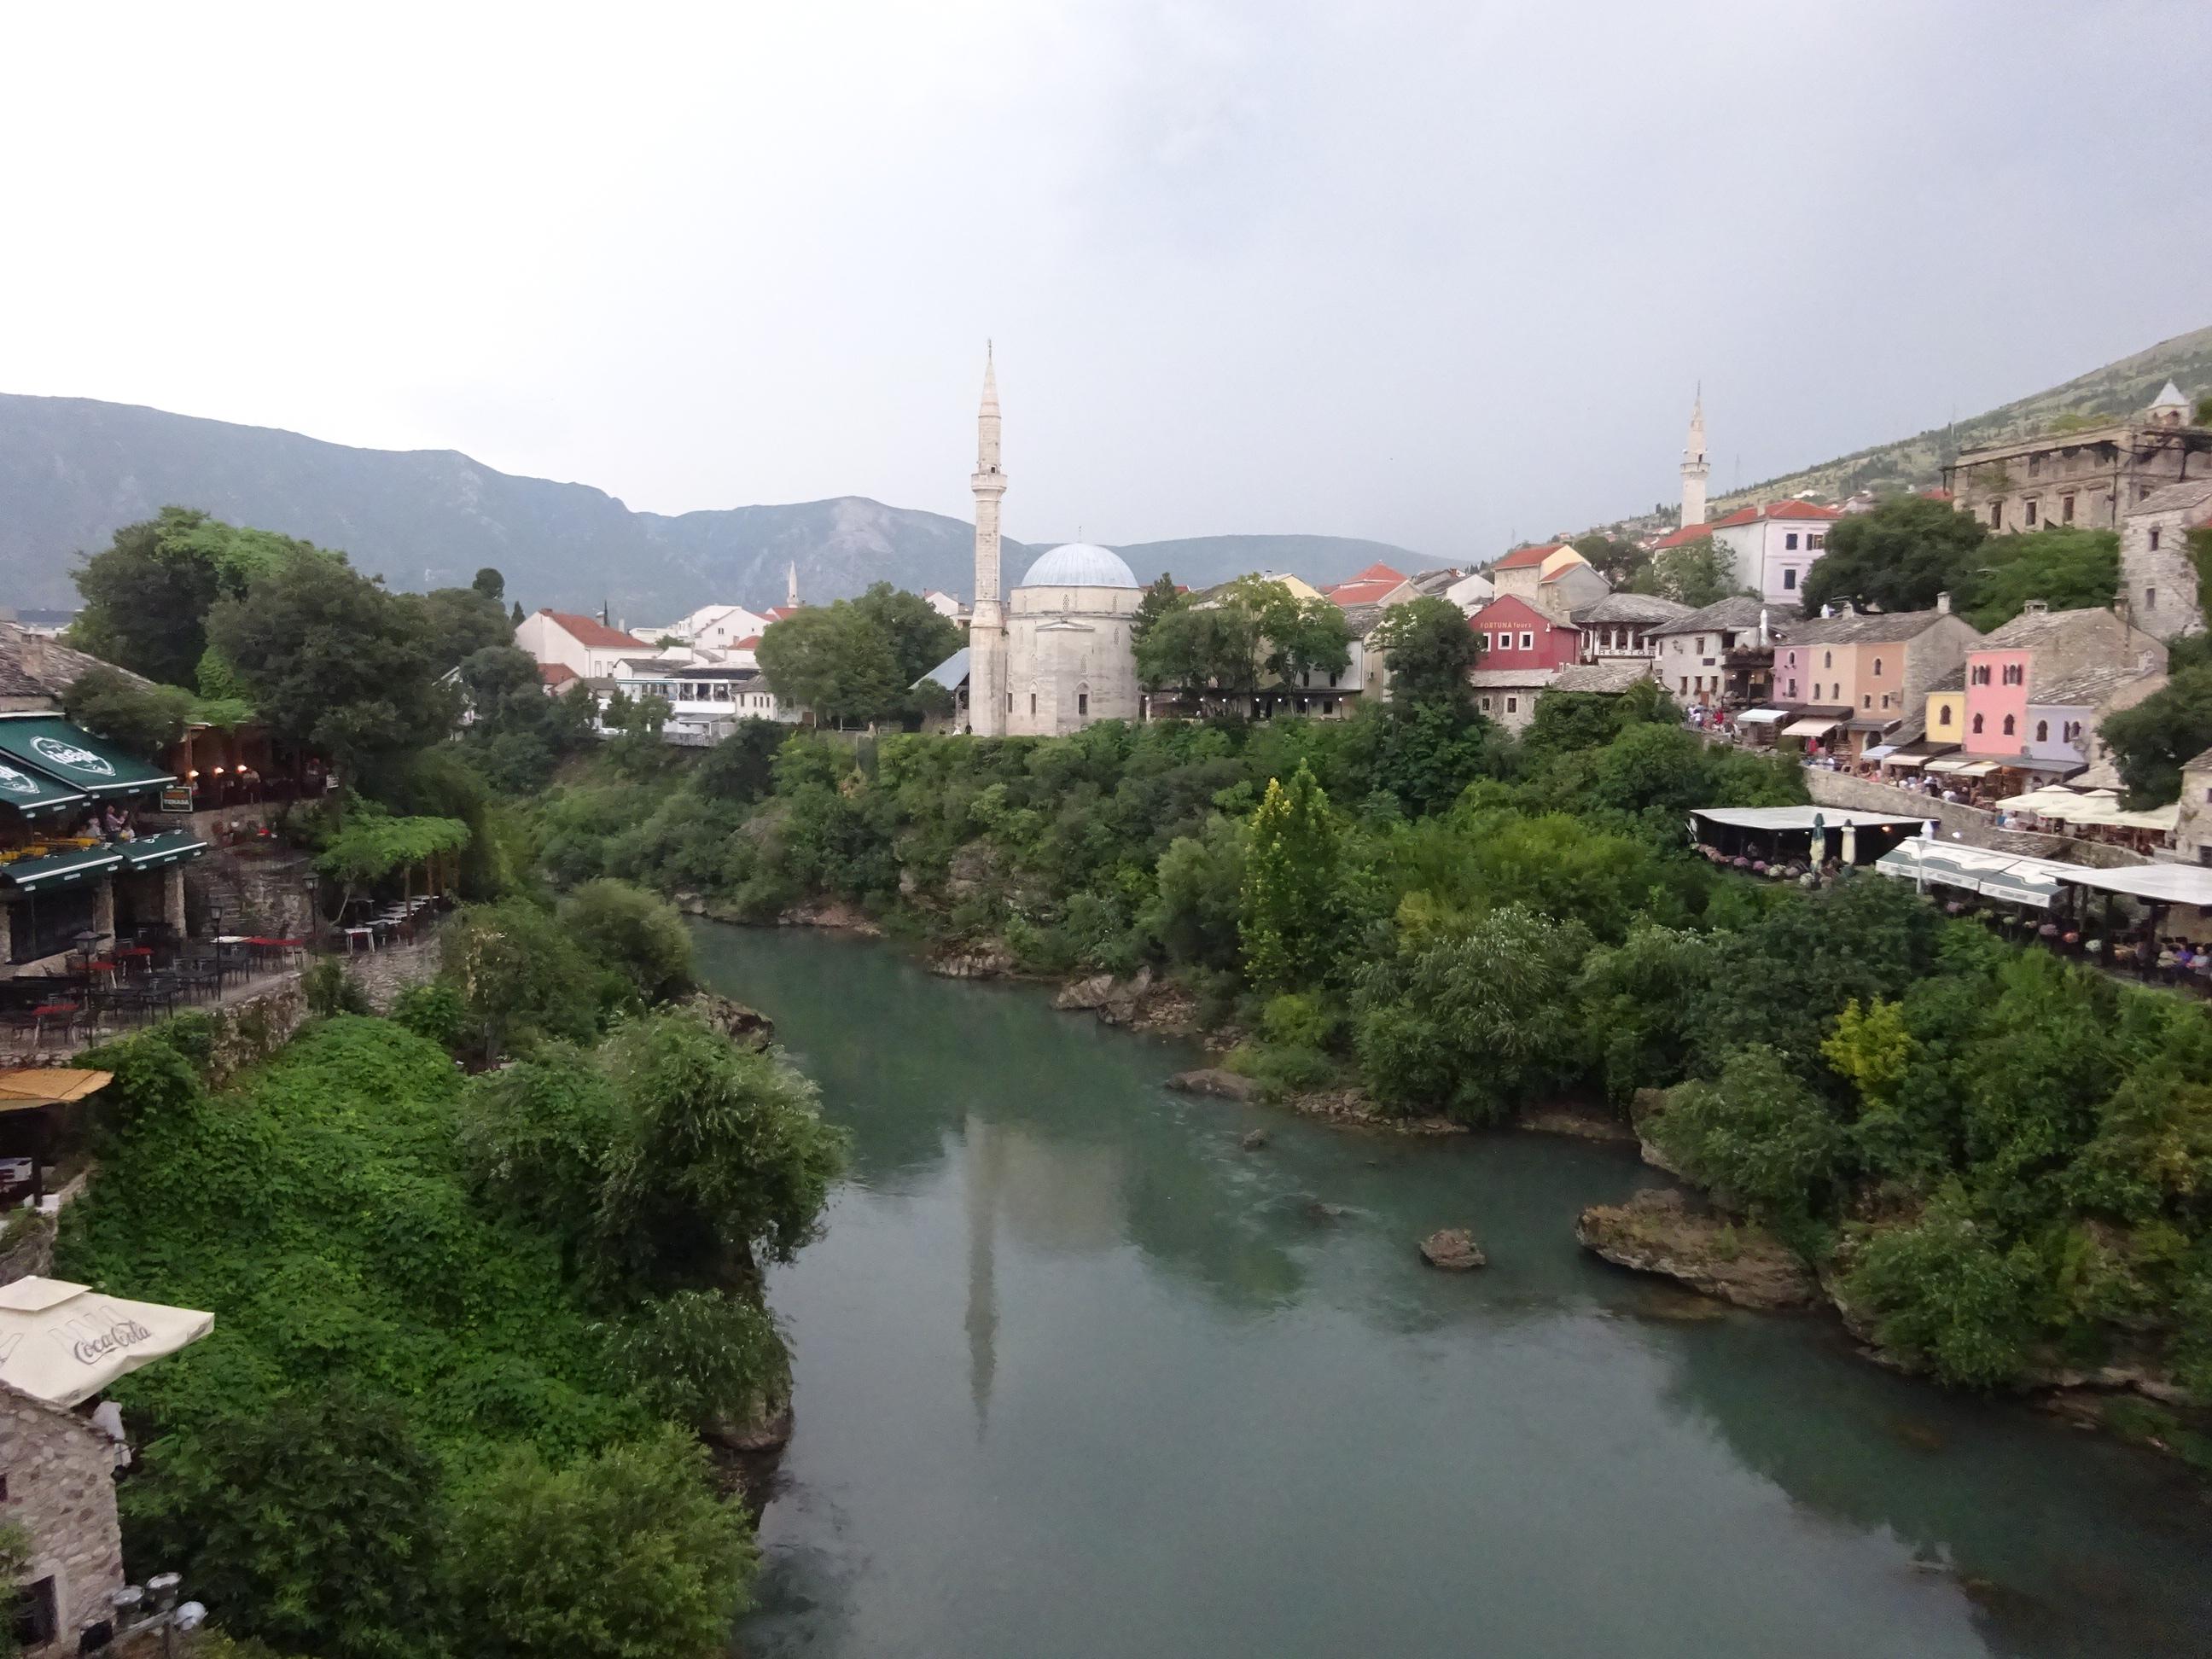 美しいモスタルの街並み